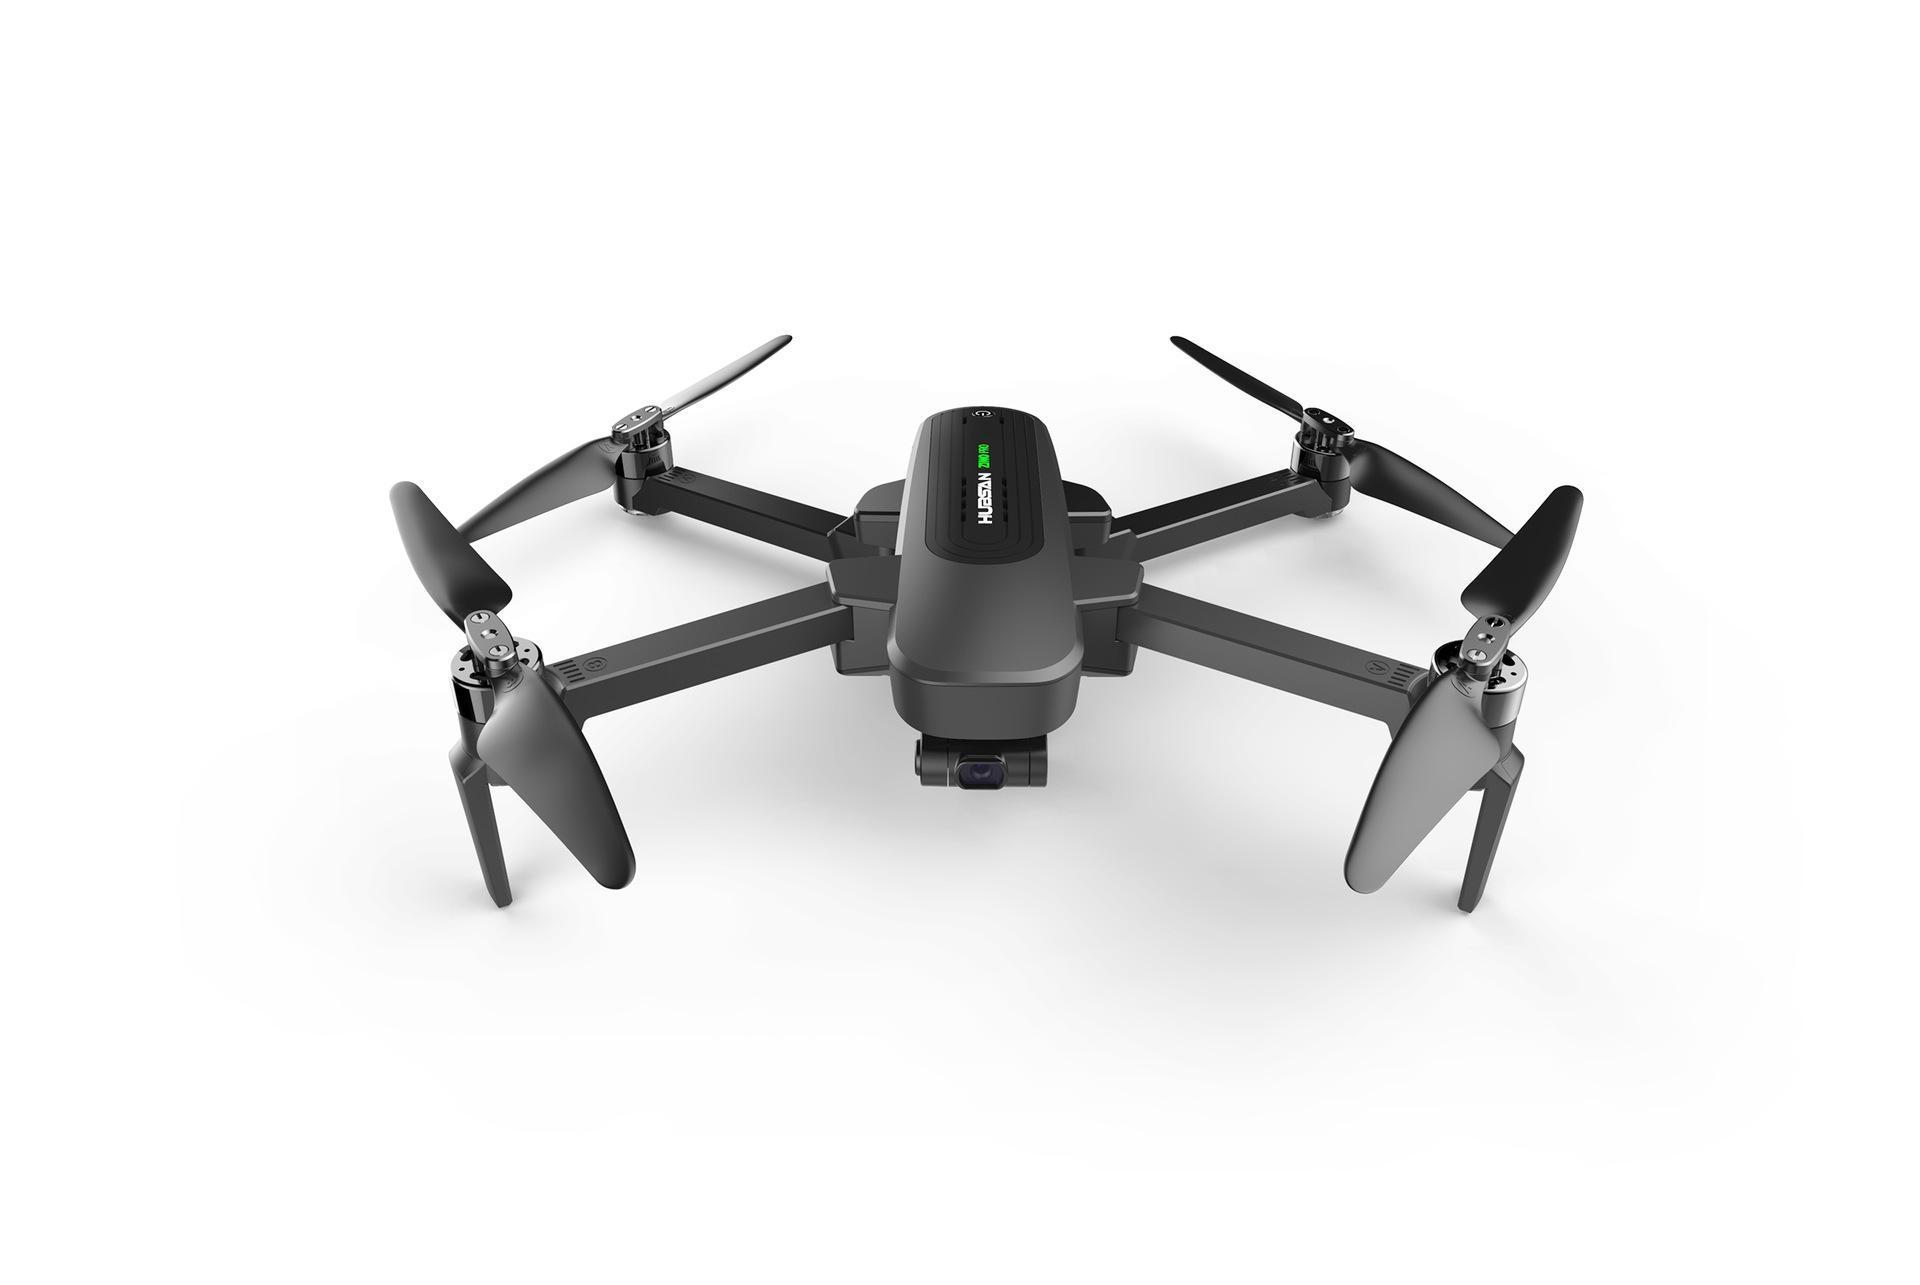 HABOSEN Flycam Máy bay không người lái Zino pro H117S 4K truyền tải bản đồ đường dài HD trên không c